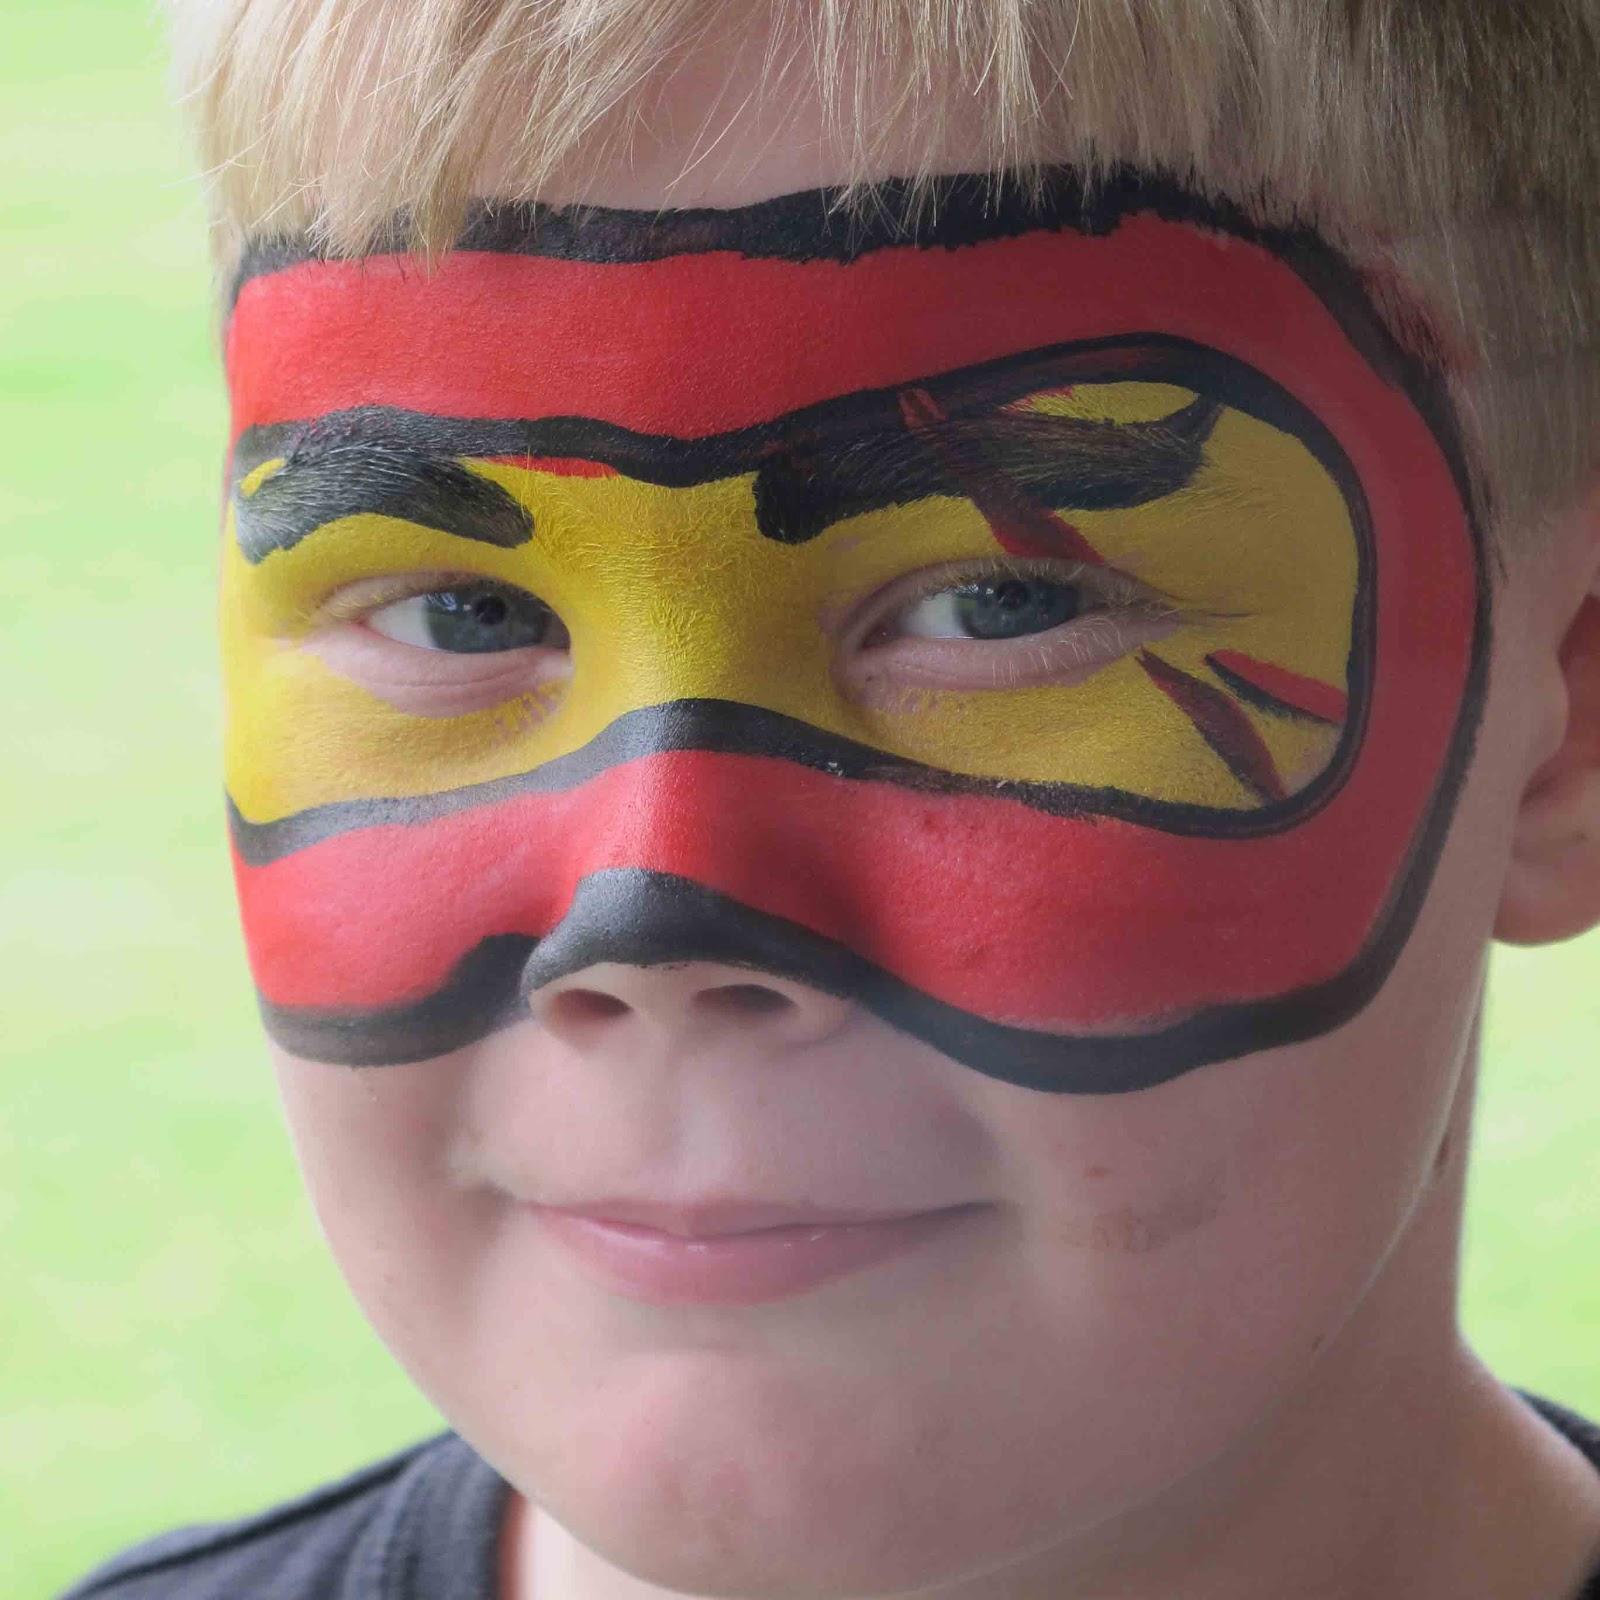 Ausmalbilder Ninjago Gesicht: West Coast Face Painting PH 768 4381